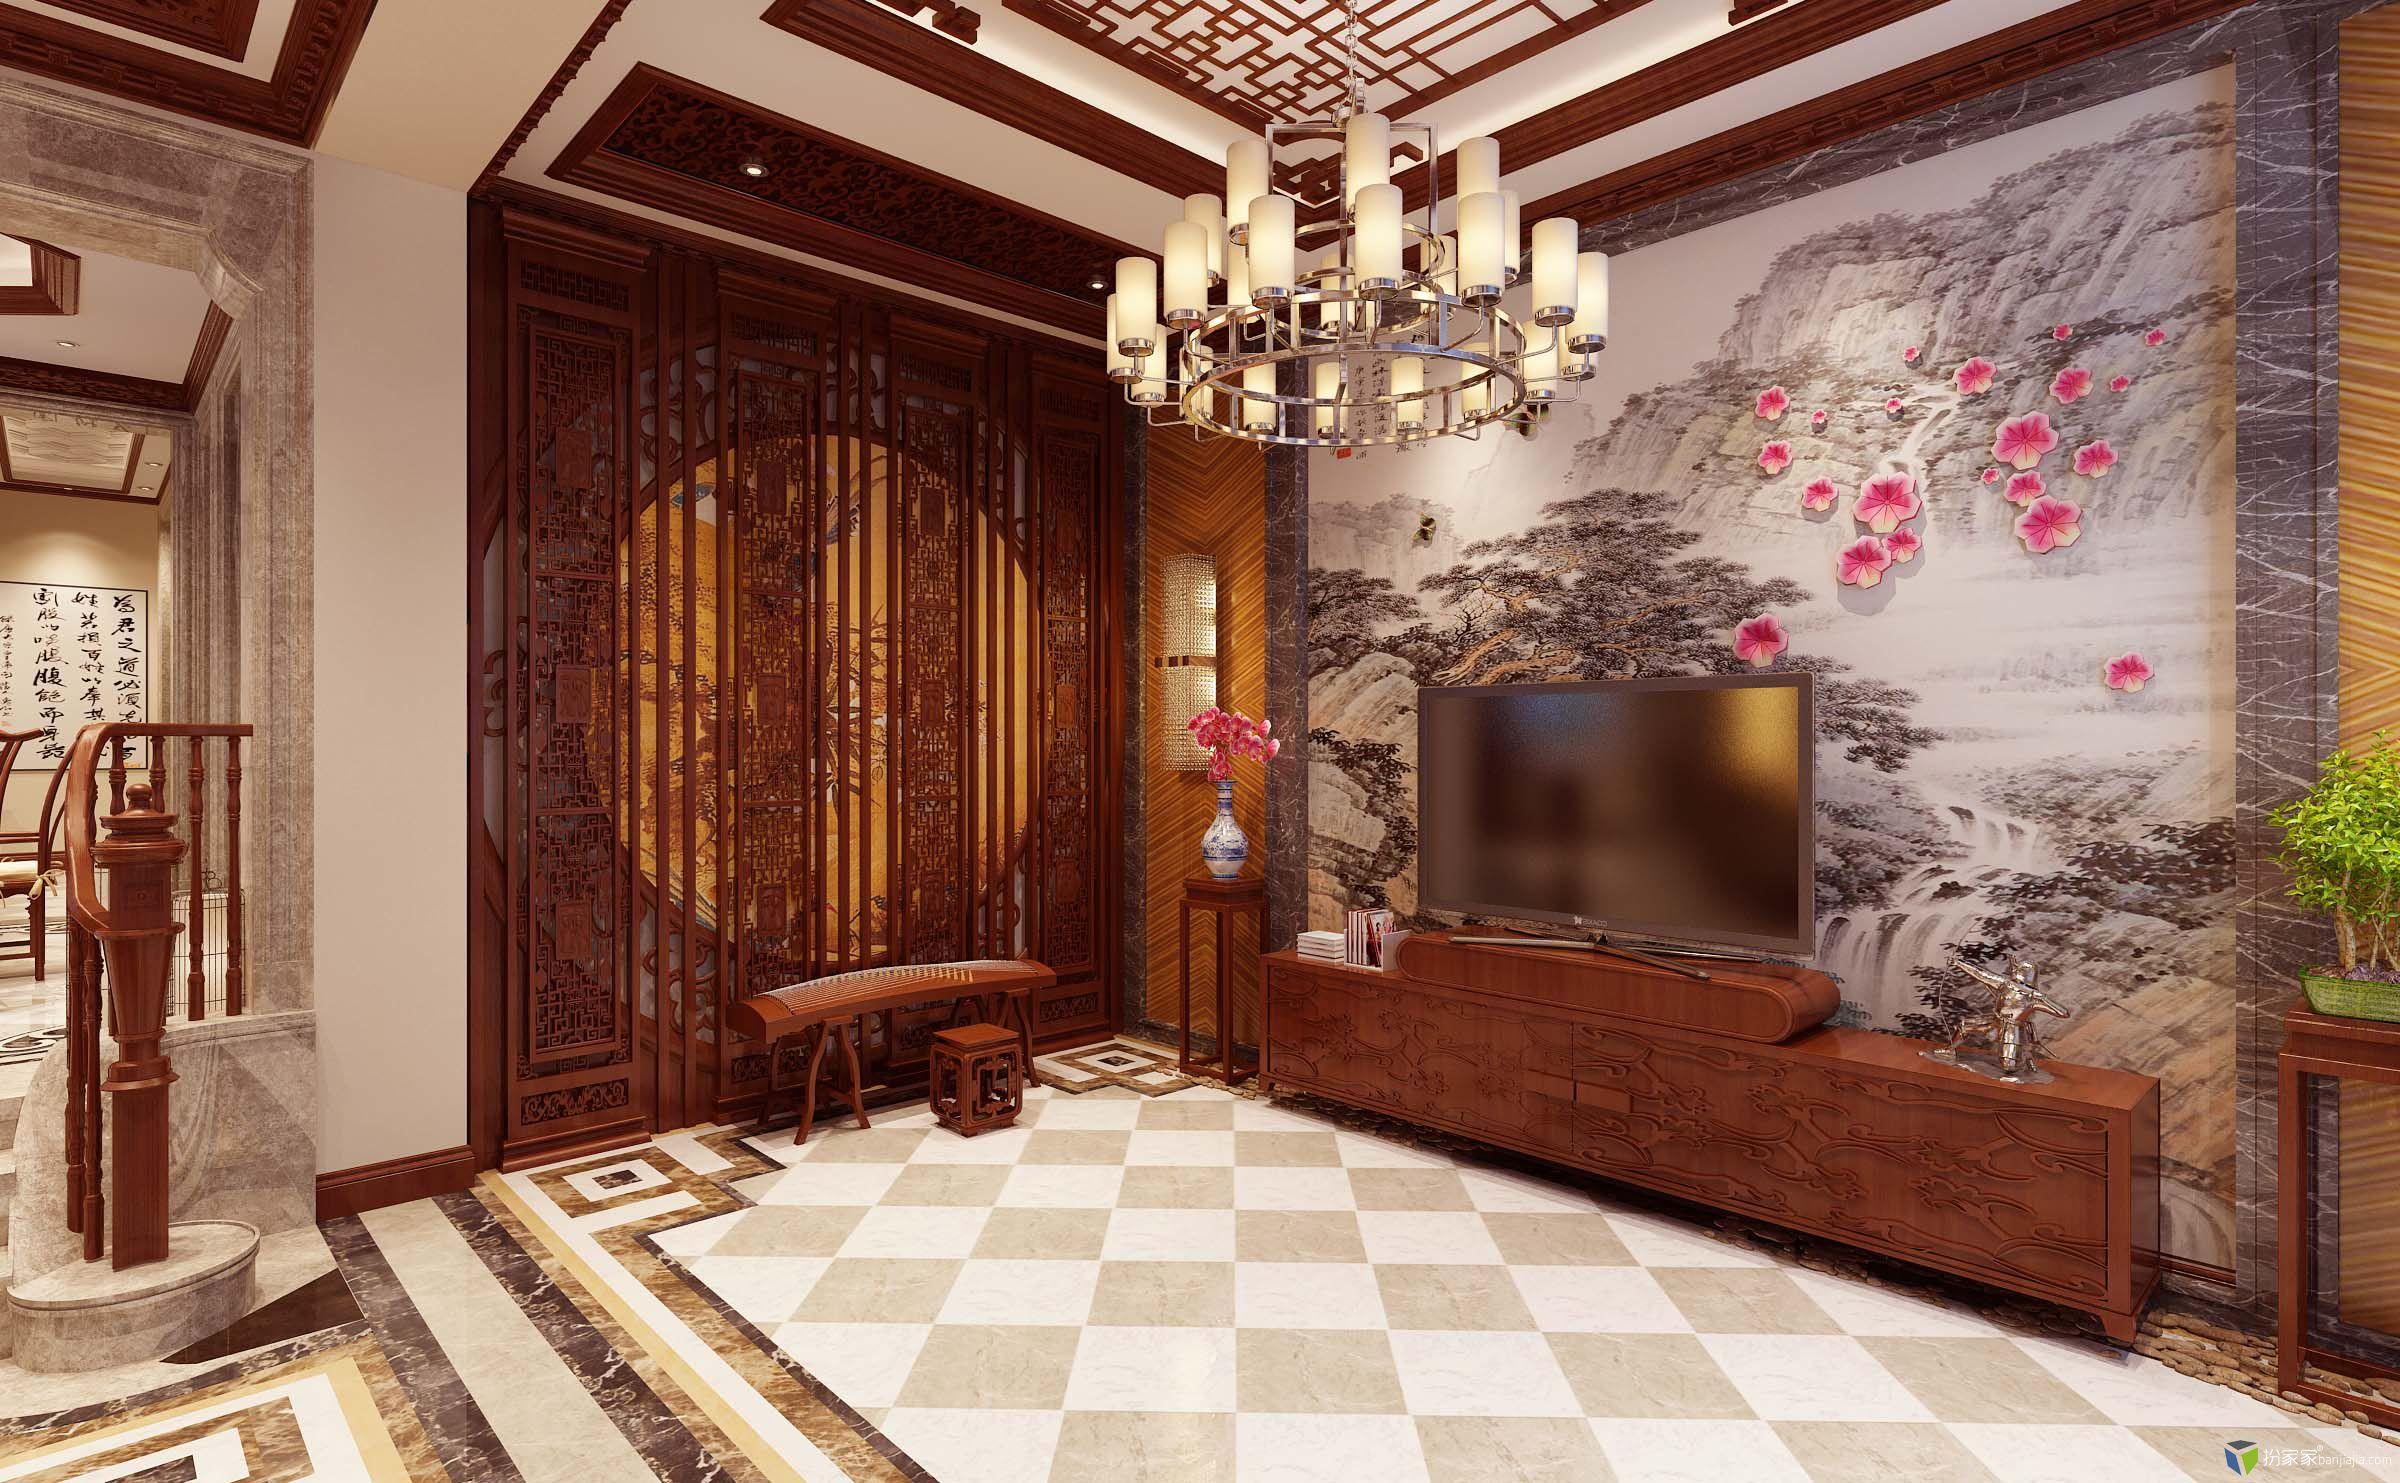 中国风 - 扮家家室内设计网